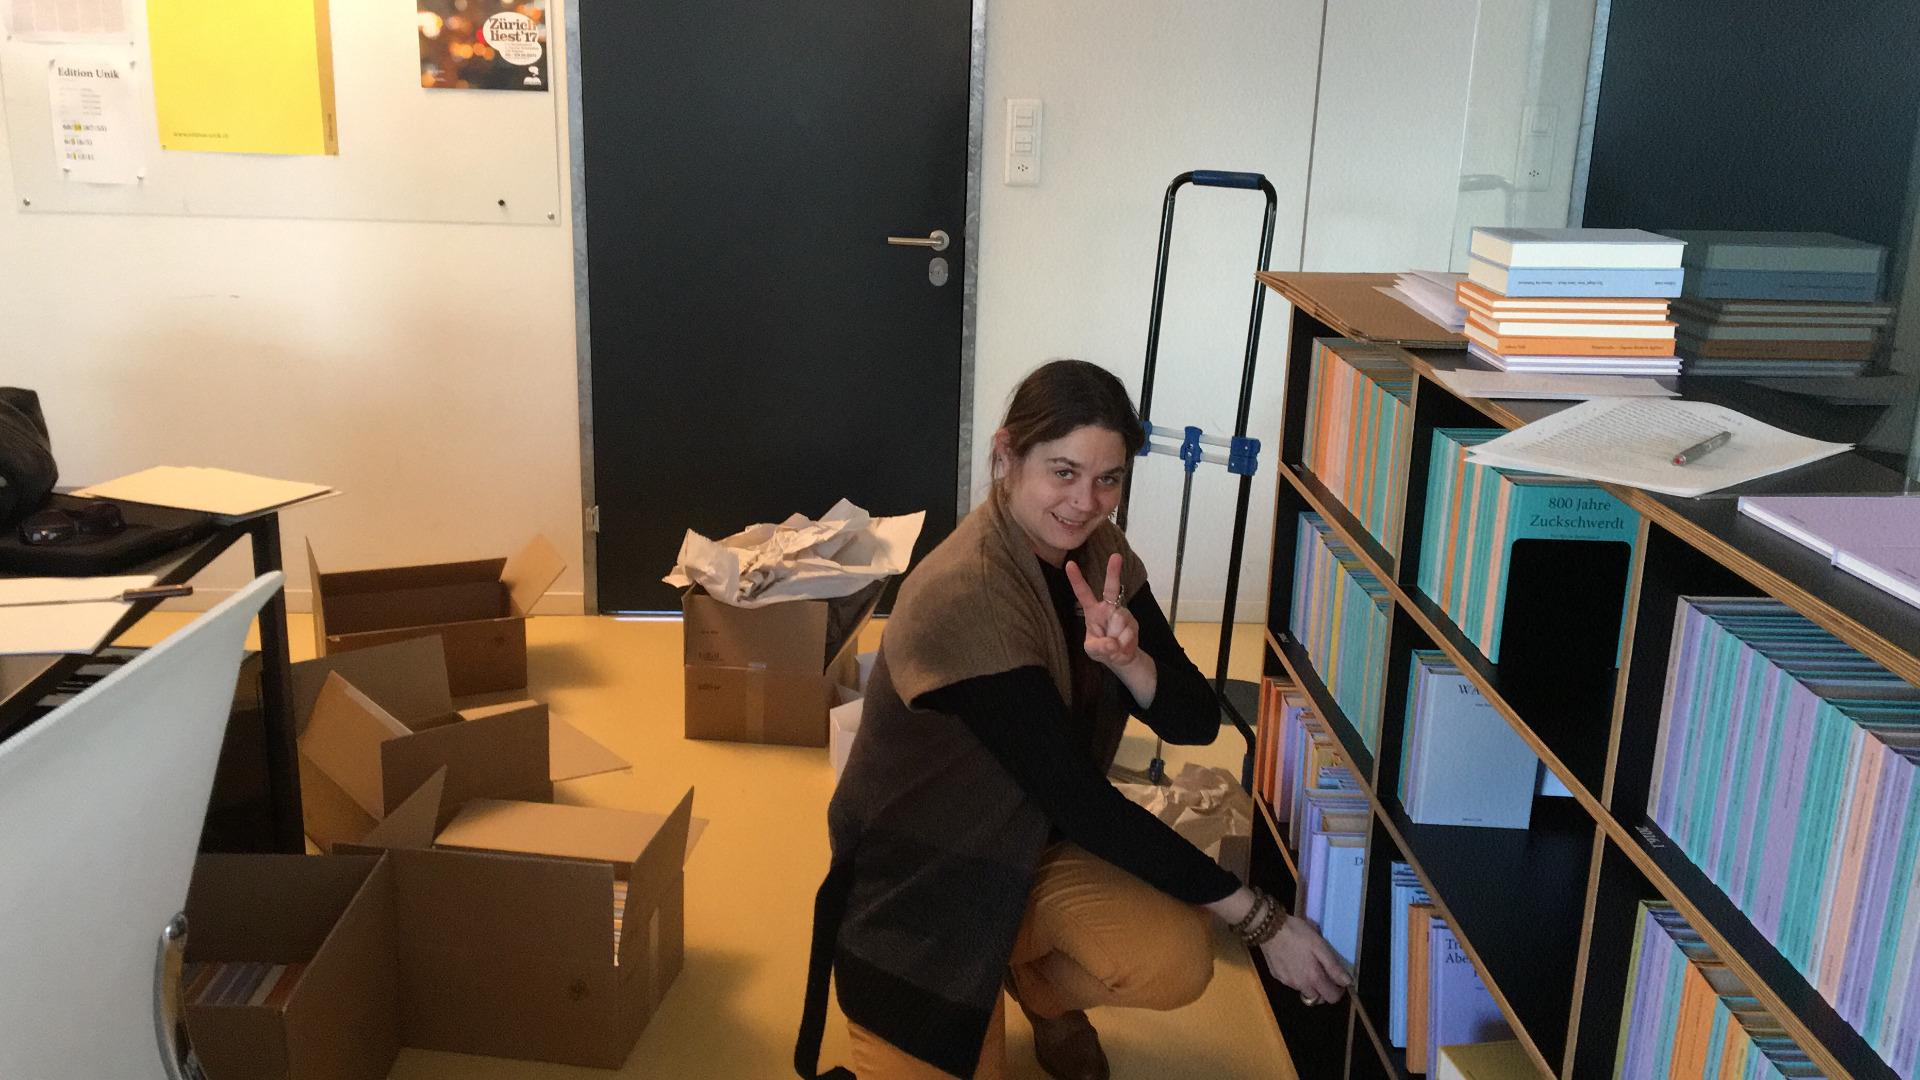 Buchlieferung ins Büro: Fast der schönste Moment in einer Projektrunde. (Foto: Edition Unik)